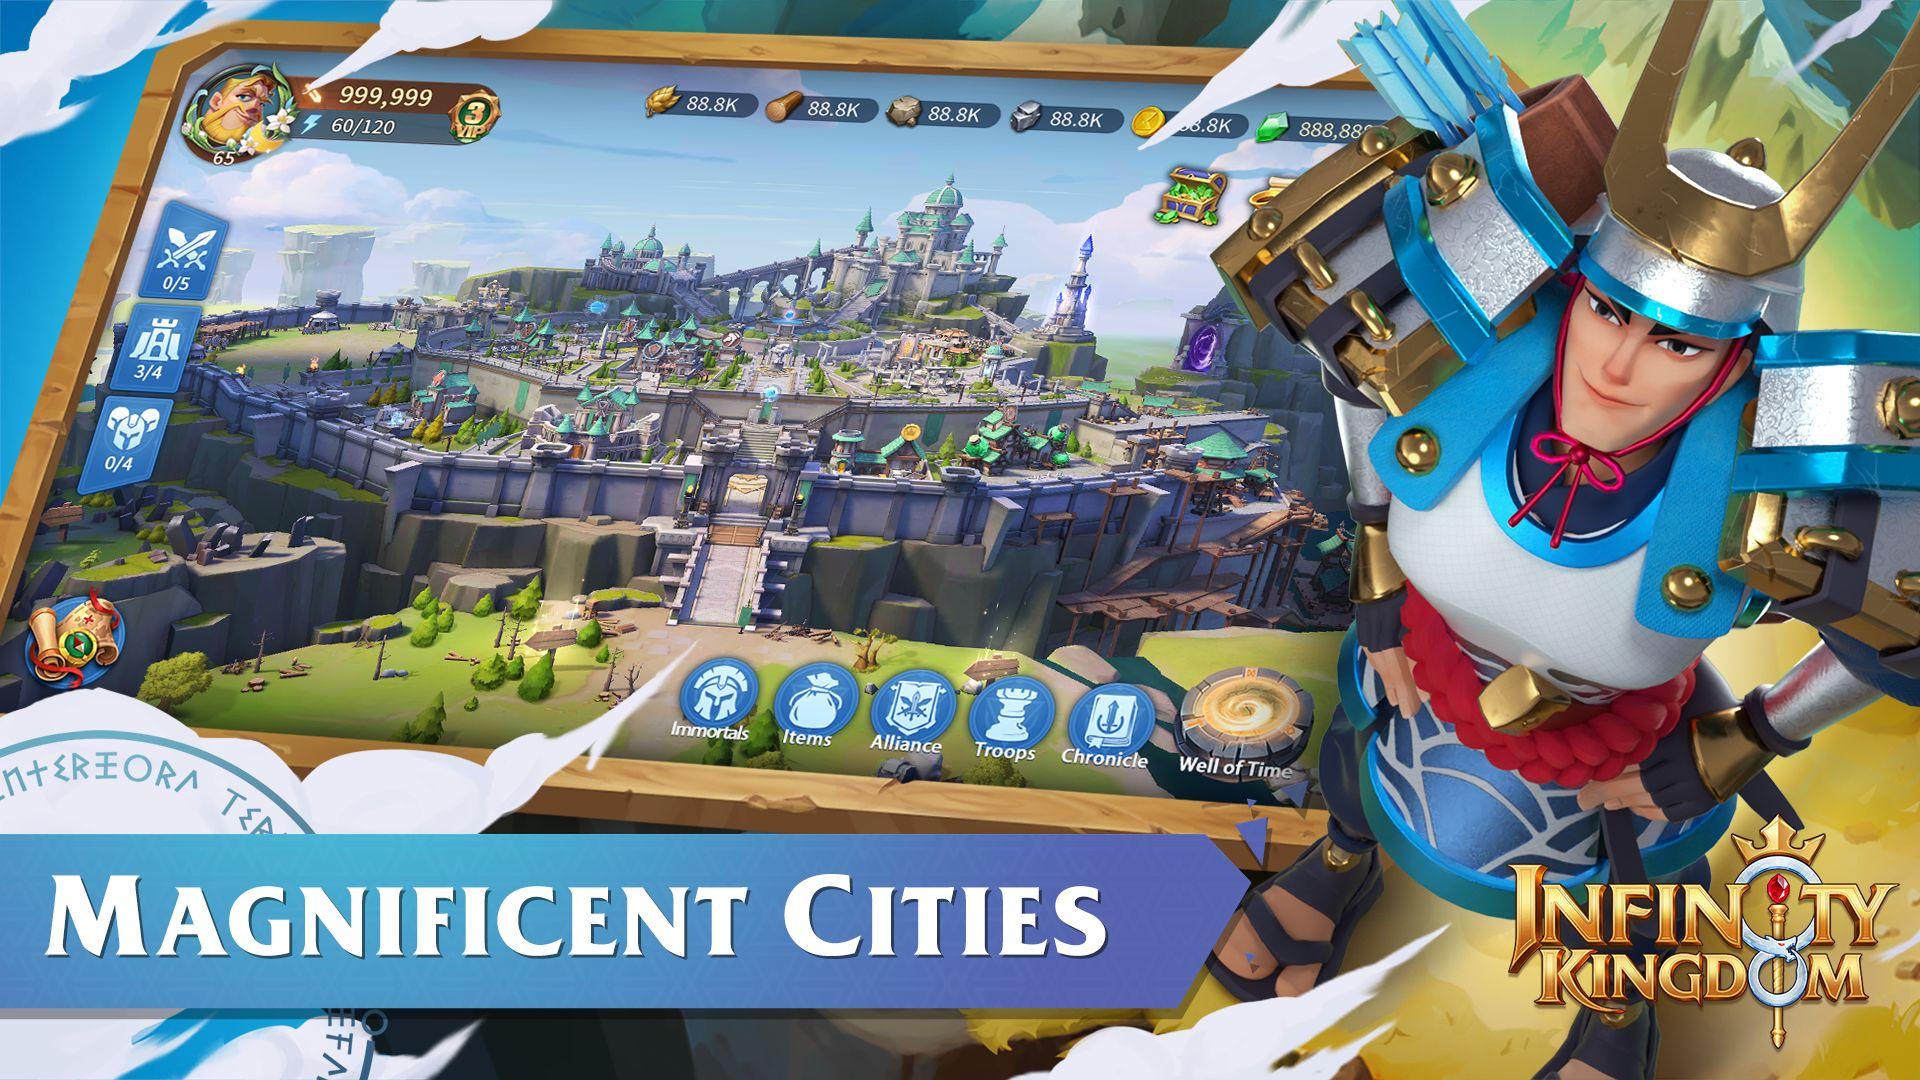 Infinity Kingdom 游戏截图4